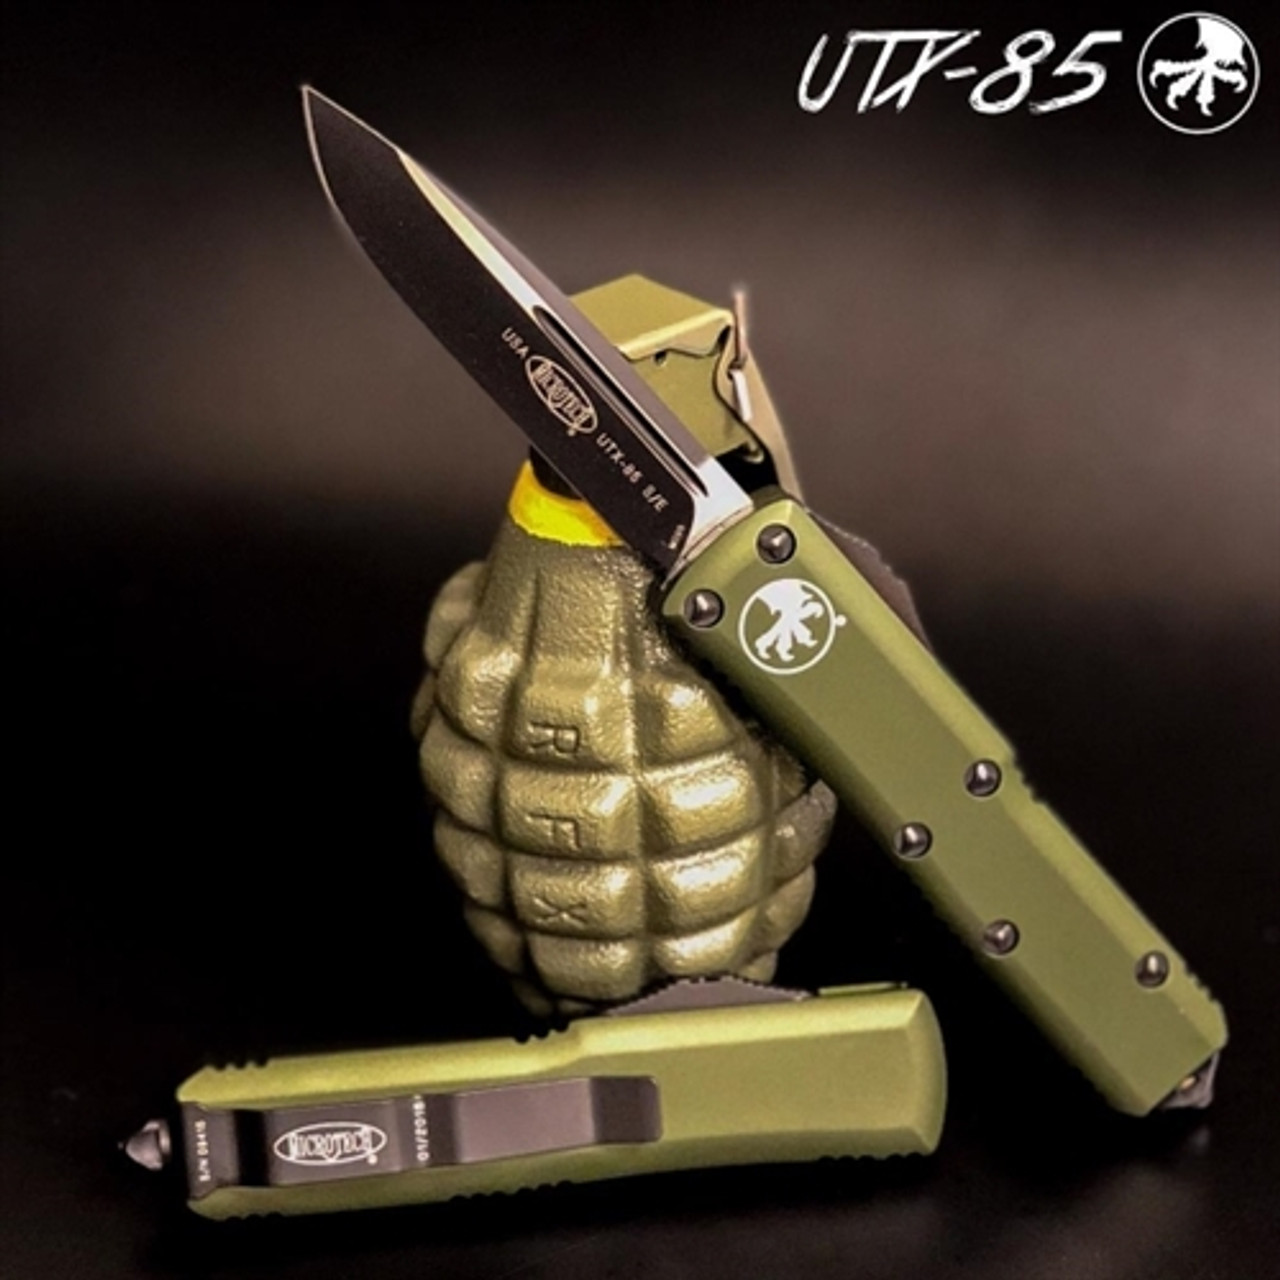 Microtech 231-1OD OD Green UTX-85 S/E OTF Auto Knife, Black Blade